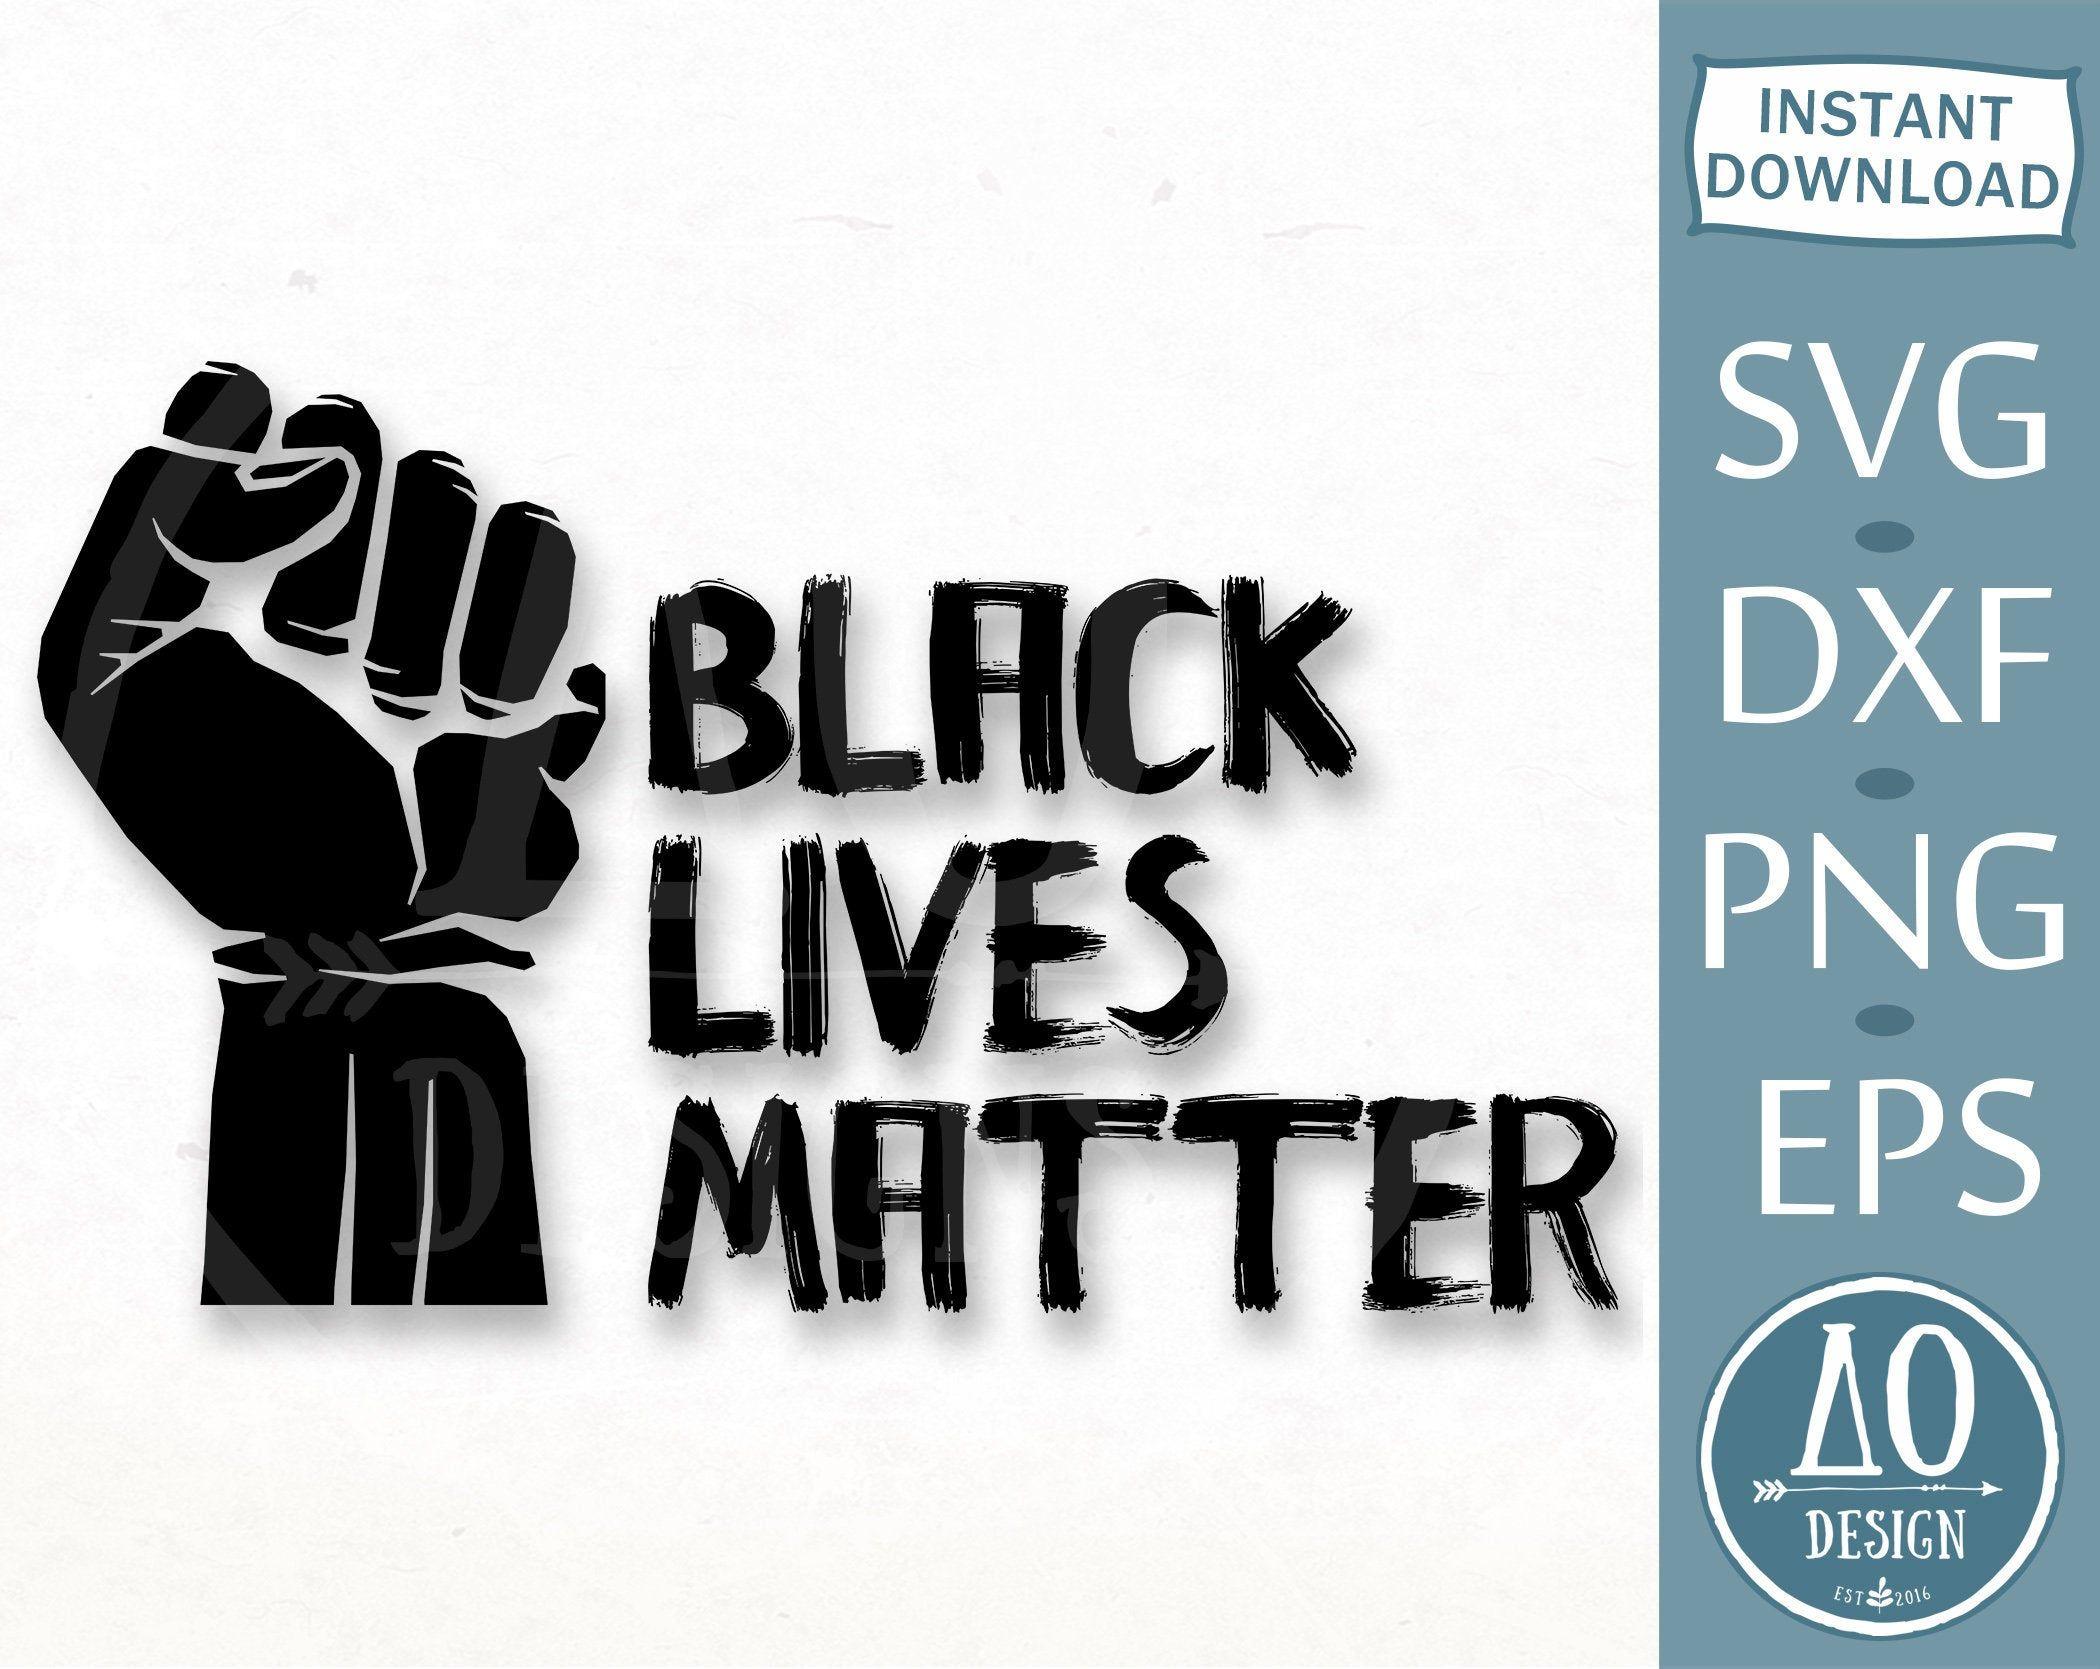 Pin on Black Lives Matter SVG